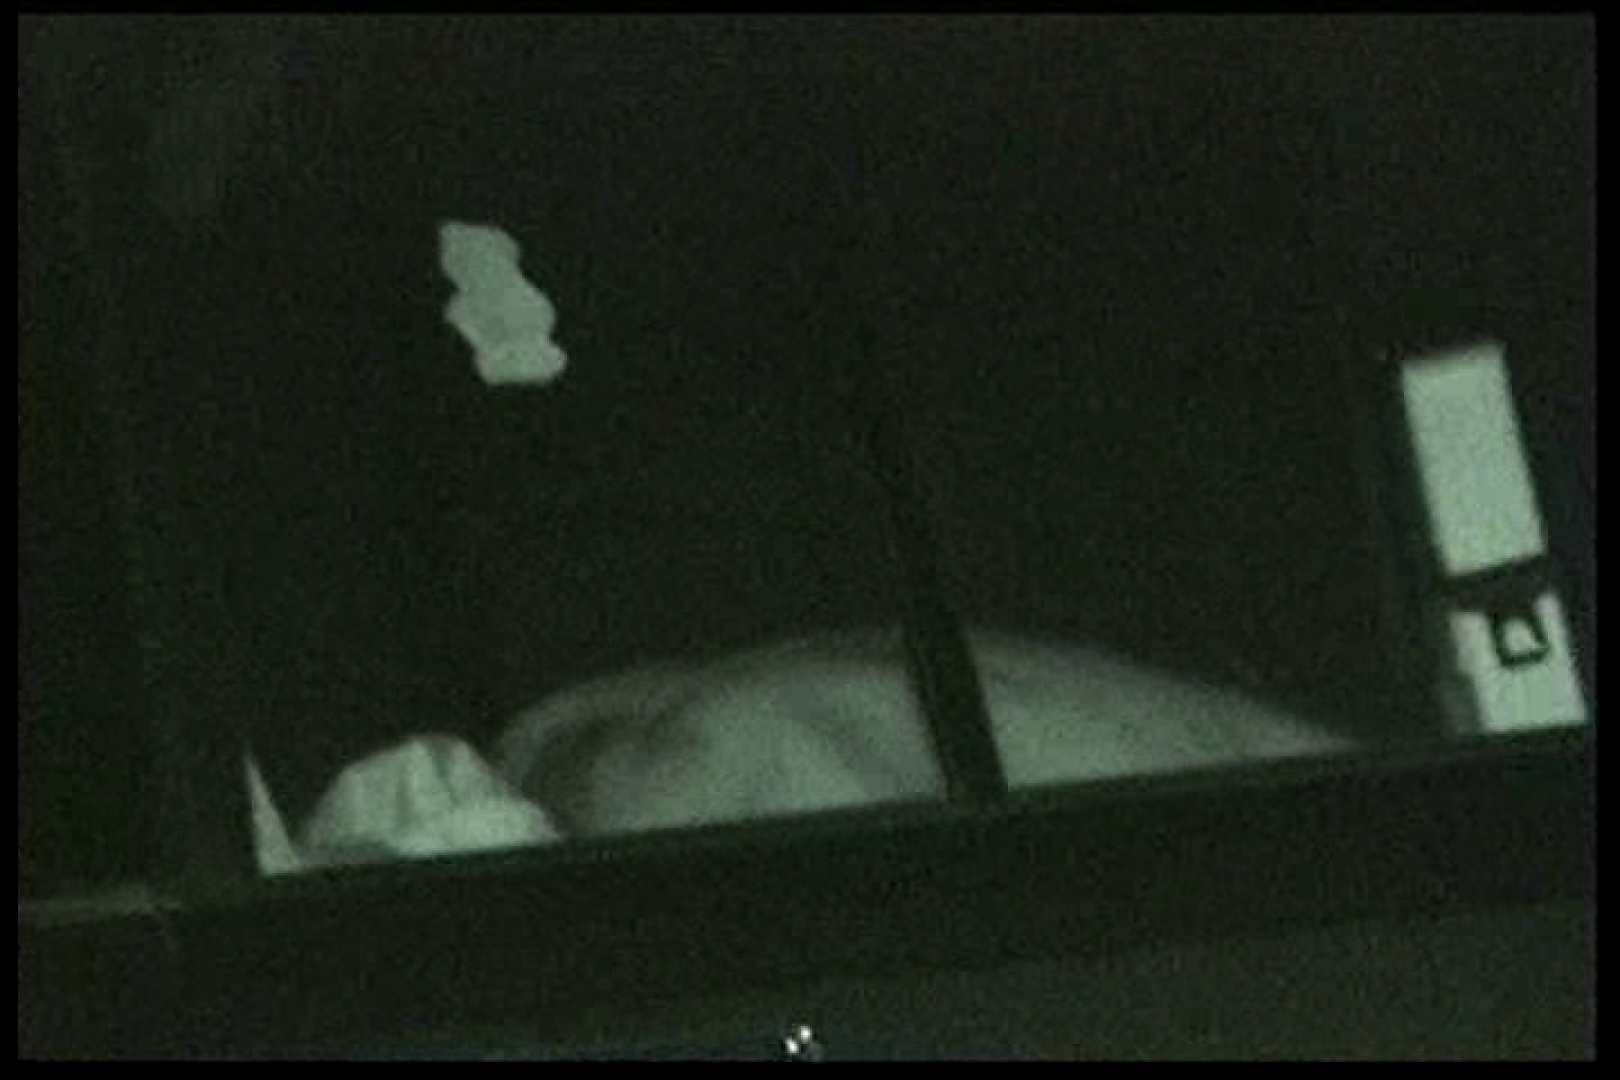 車の中はラブホテル 無修正版  Vol.14 0 | 0  65画像 20